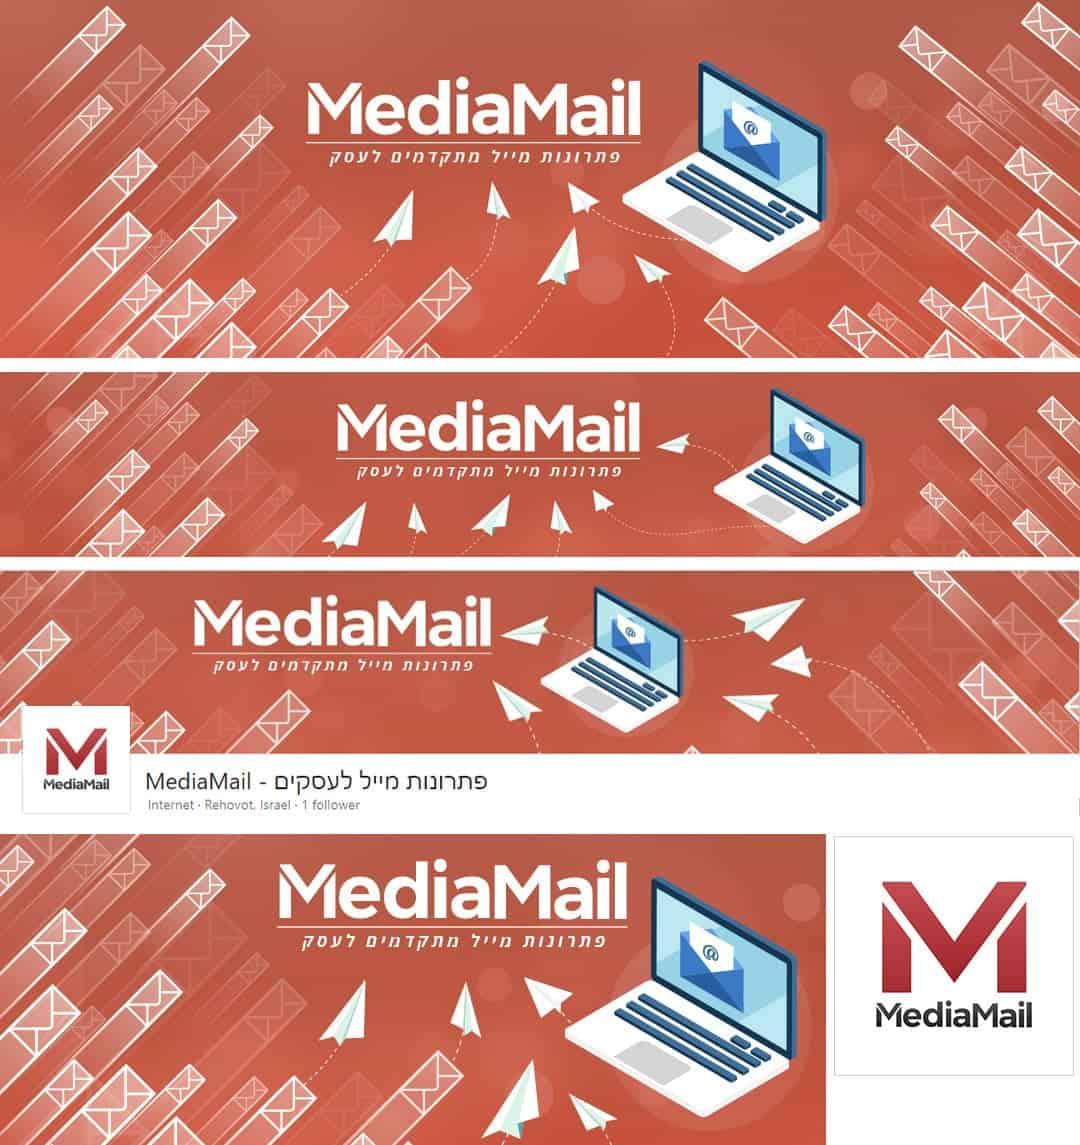 חבילת מדיה חברתית ל-MediaMail